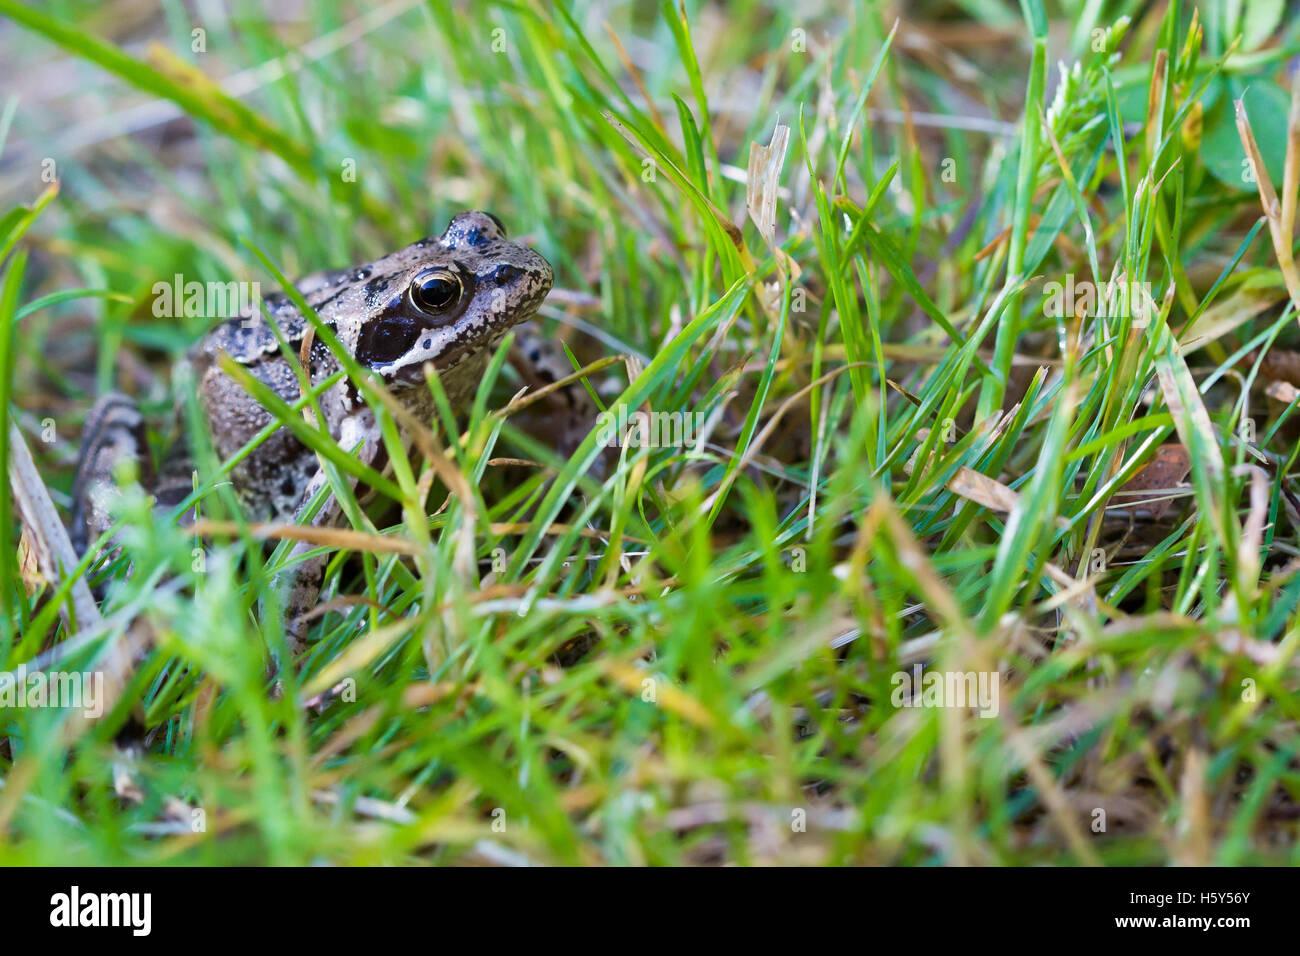 Brun et noir une grenouille dans un champ. Cet animal est l'une des espèces d'amphibiens qui sont des Photo Stock